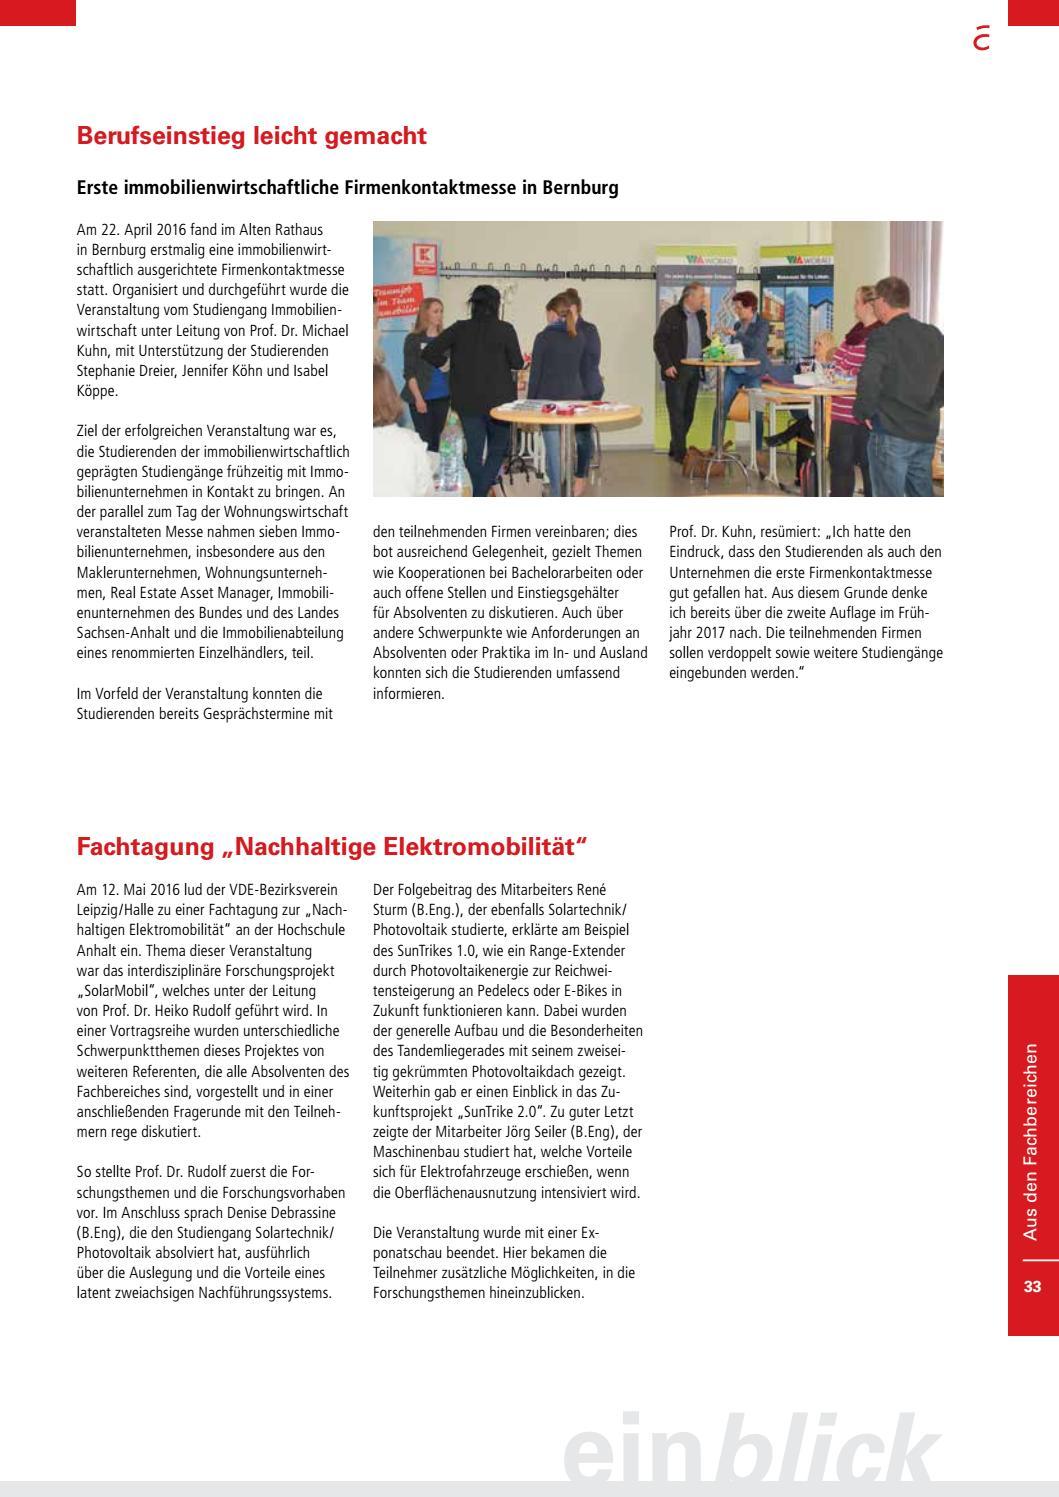 Einblick 202016 Das Magazin Der Hochschule Anhalt By Hochschule